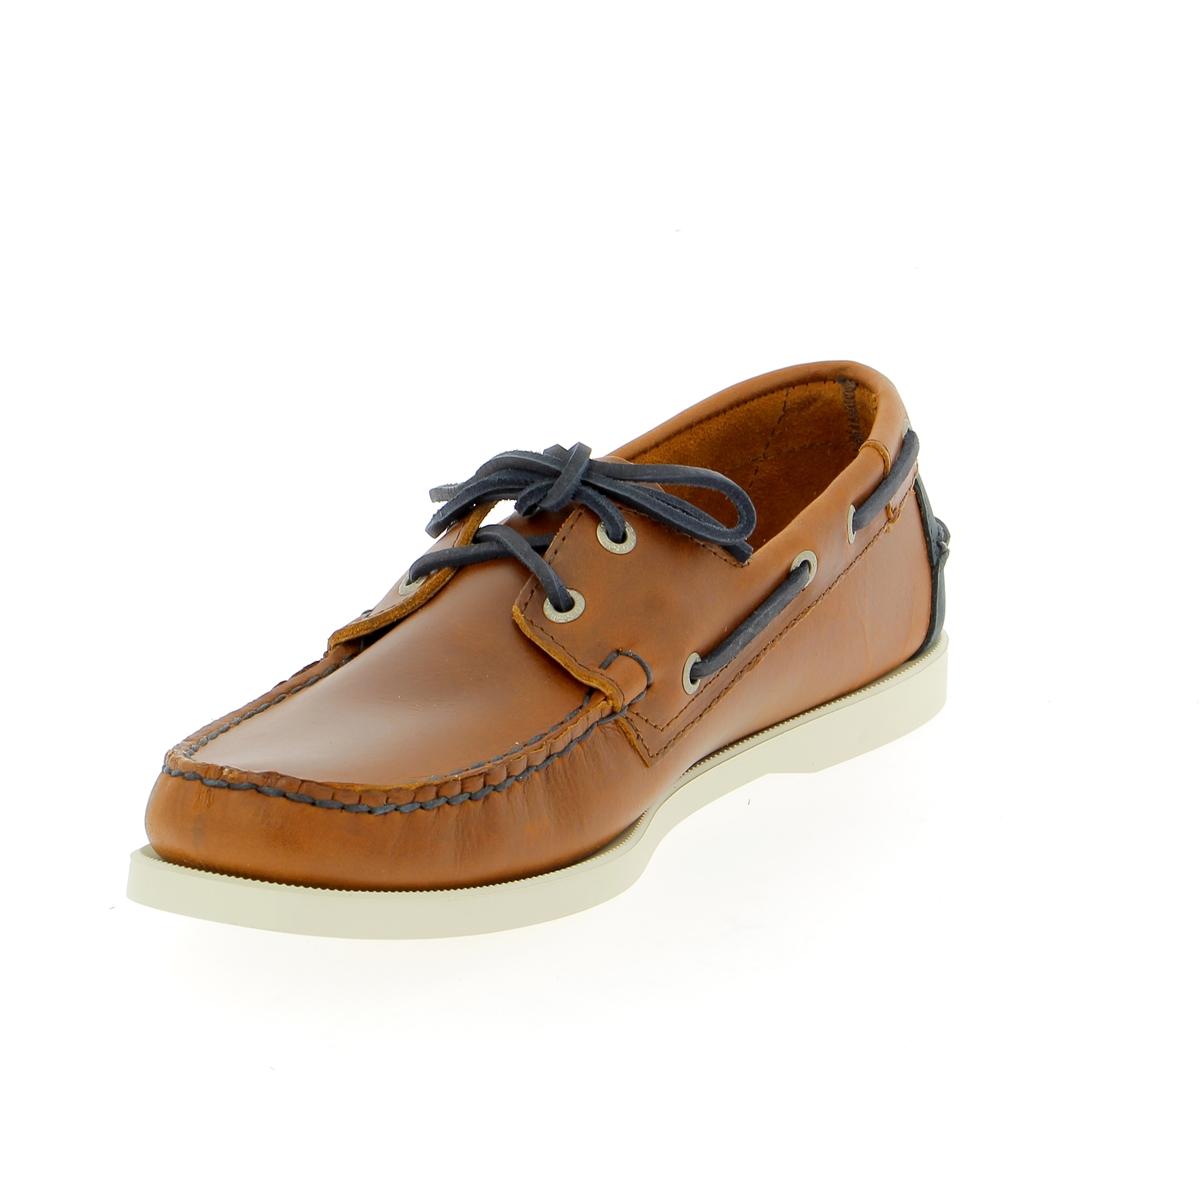 Sebago Bootschoenen bruin